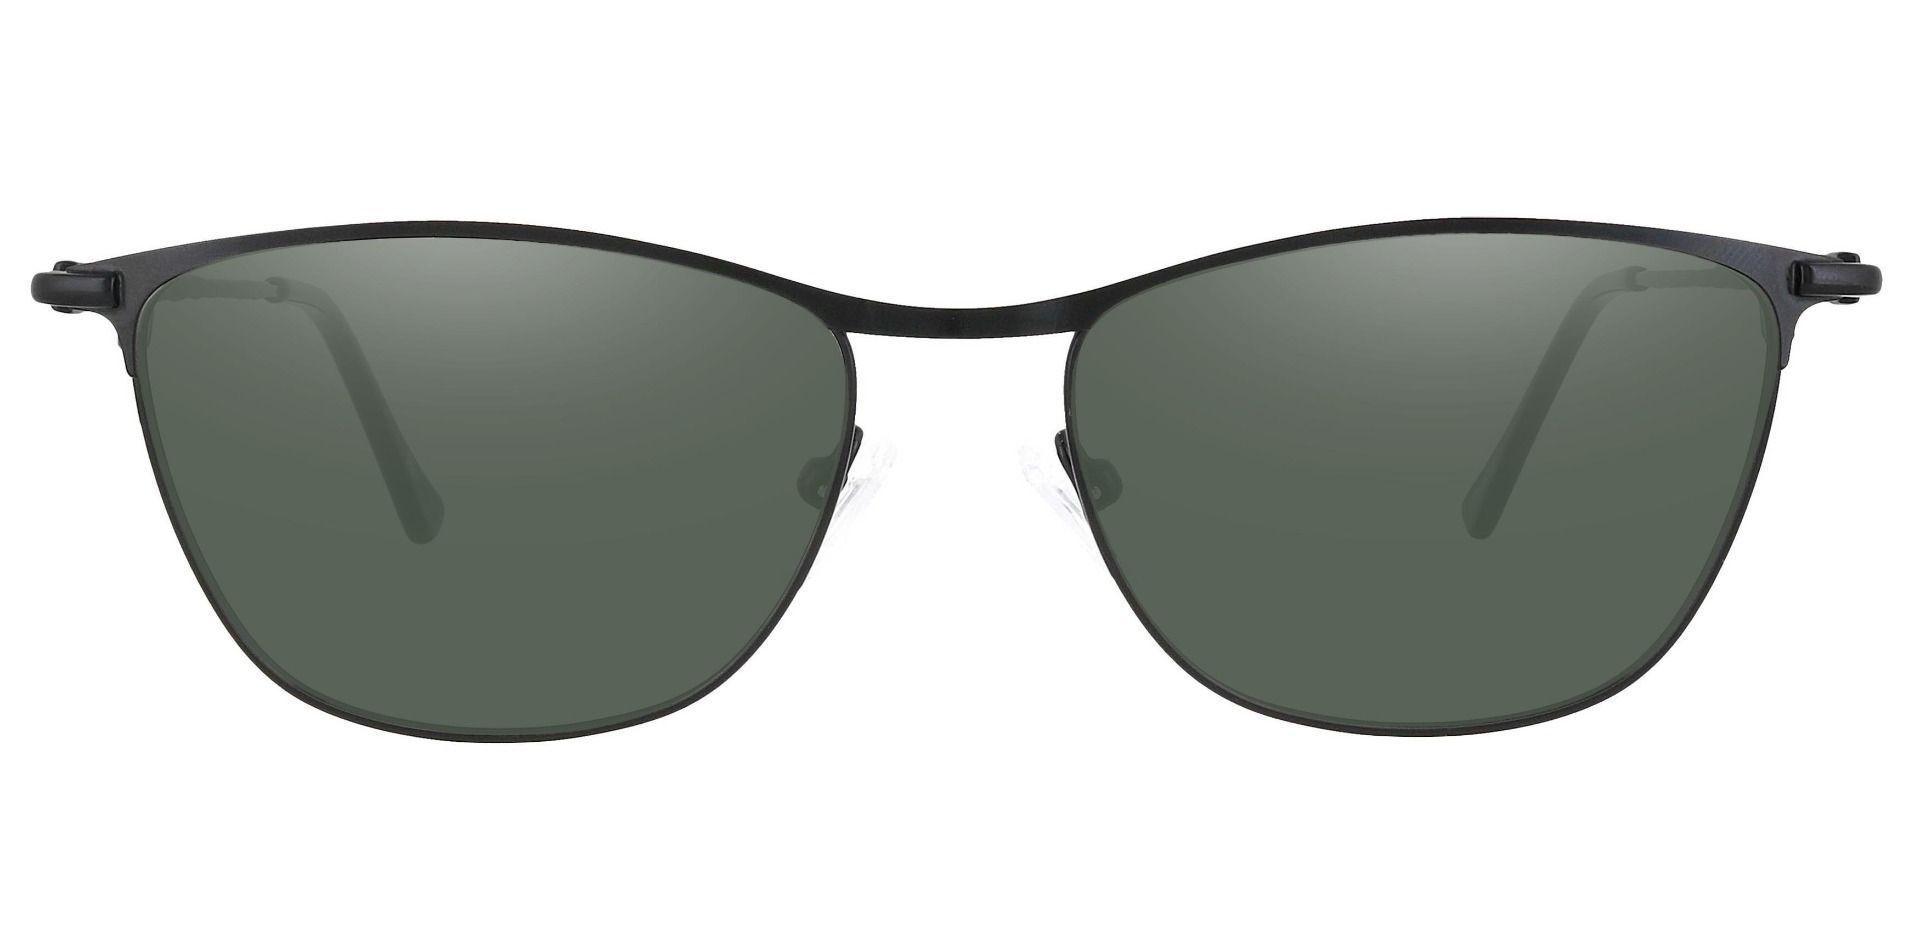 Andrea Cat Eye Progressive Sunglasses - Black Frame With Green Lenses